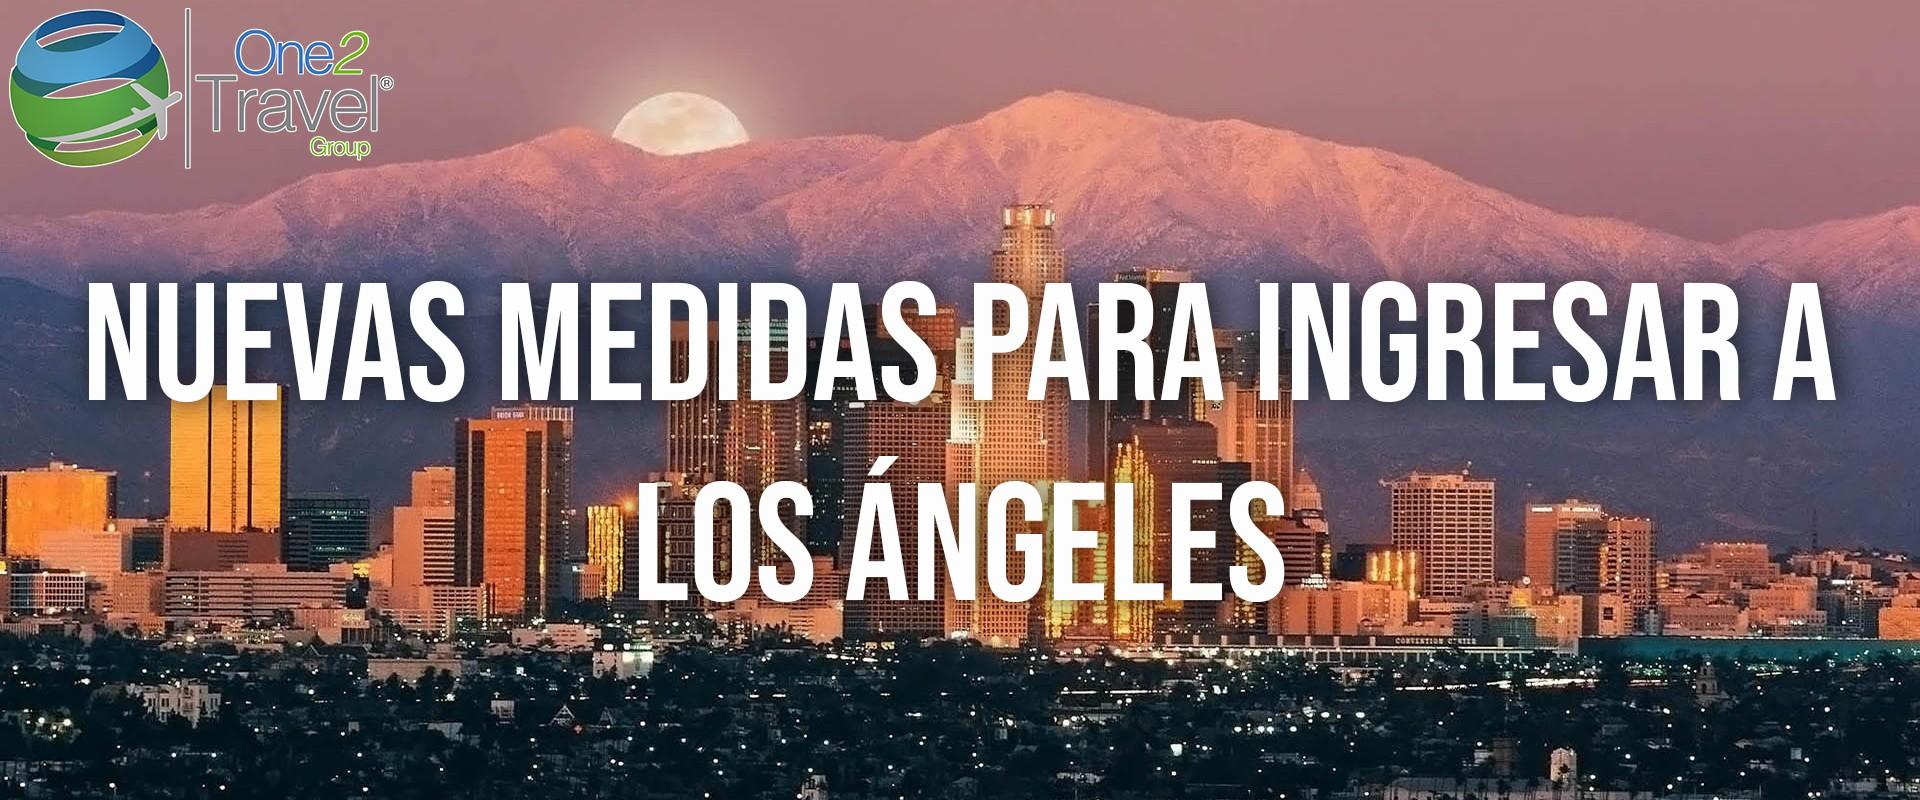 IMPORTANTE: Nuevas medidas para ingresar a Los Ángeles